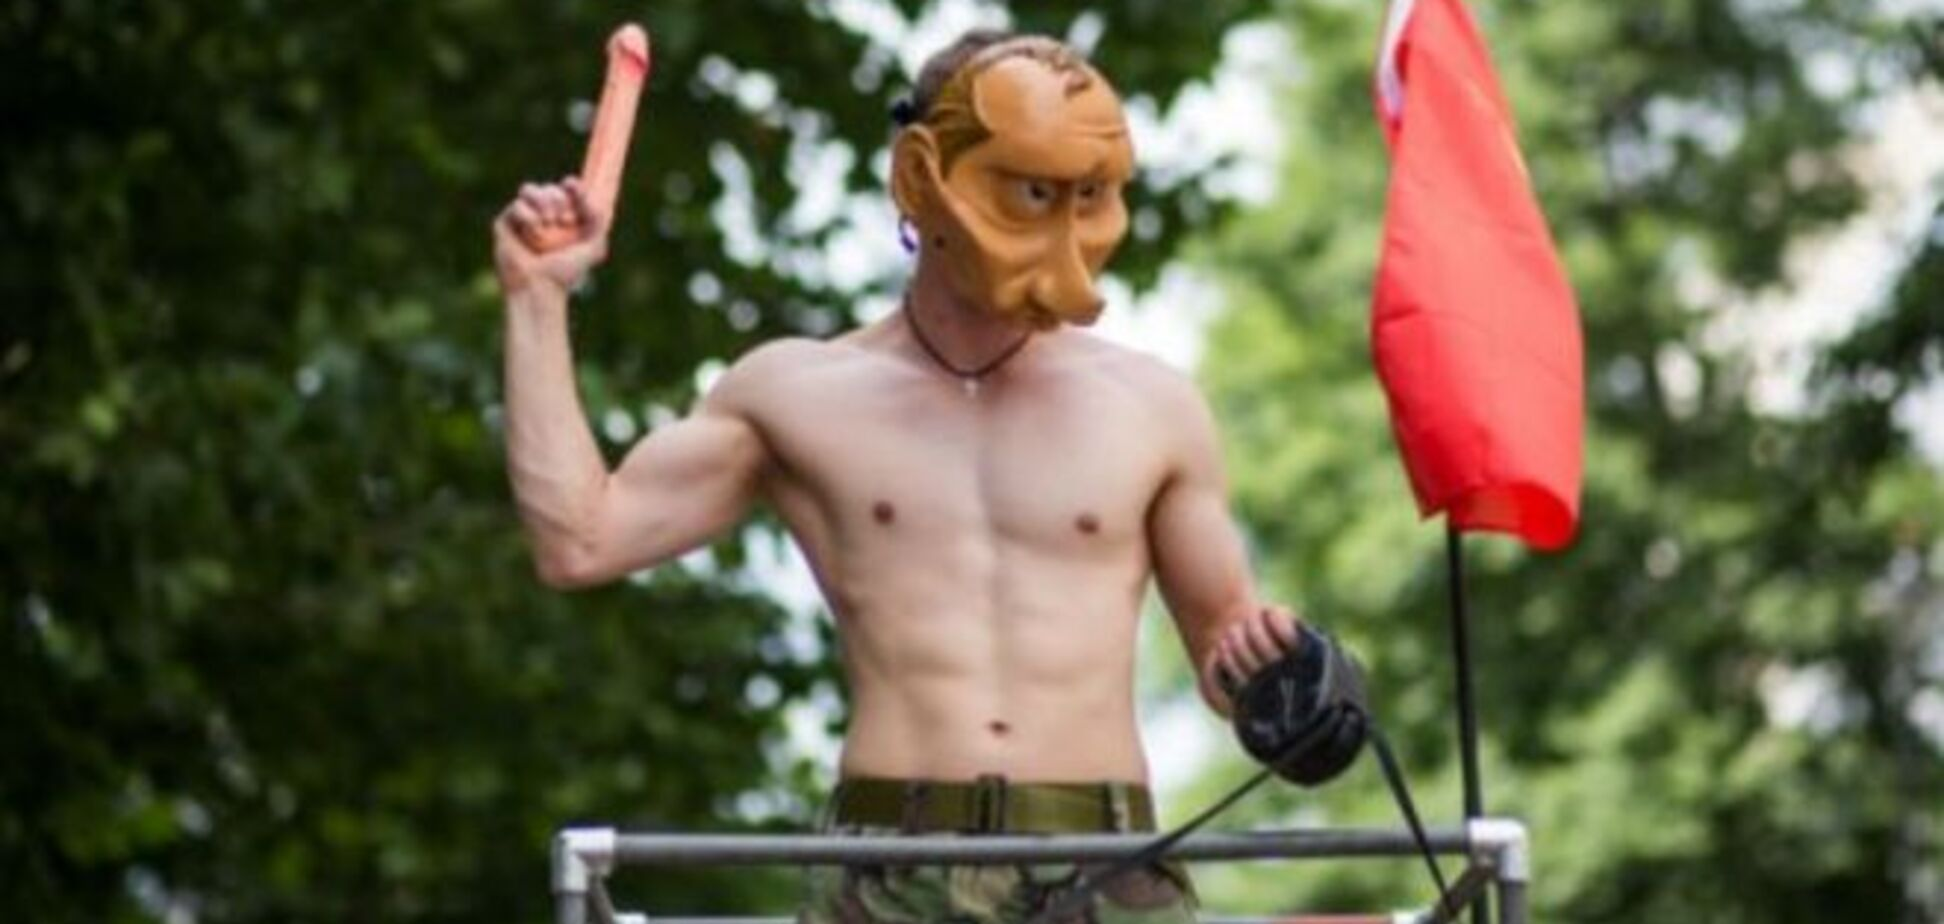 На гей-параде в Лондоне появился 'полуголый Путин' на танке: опубликованы фото